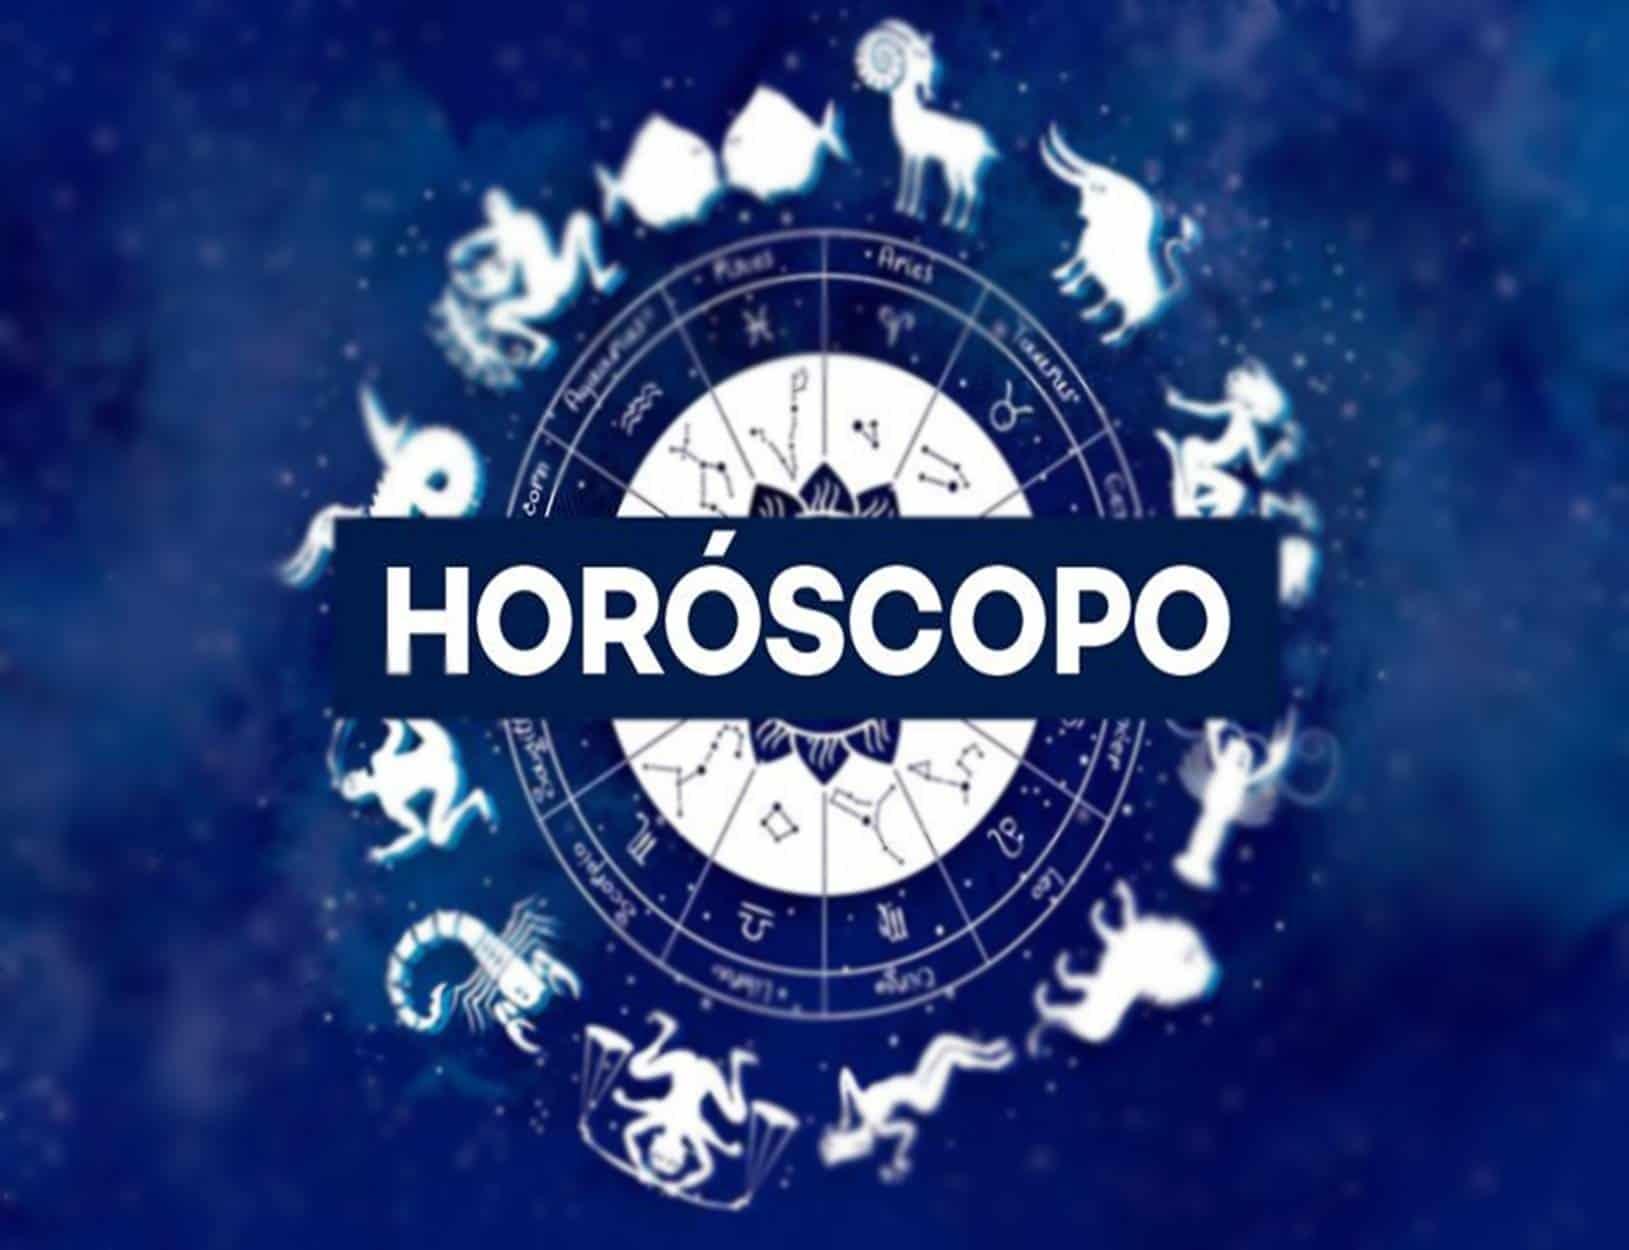 Horóscopo para hoje Quinta, 9 de julho de 2020, o que diz o seu signo